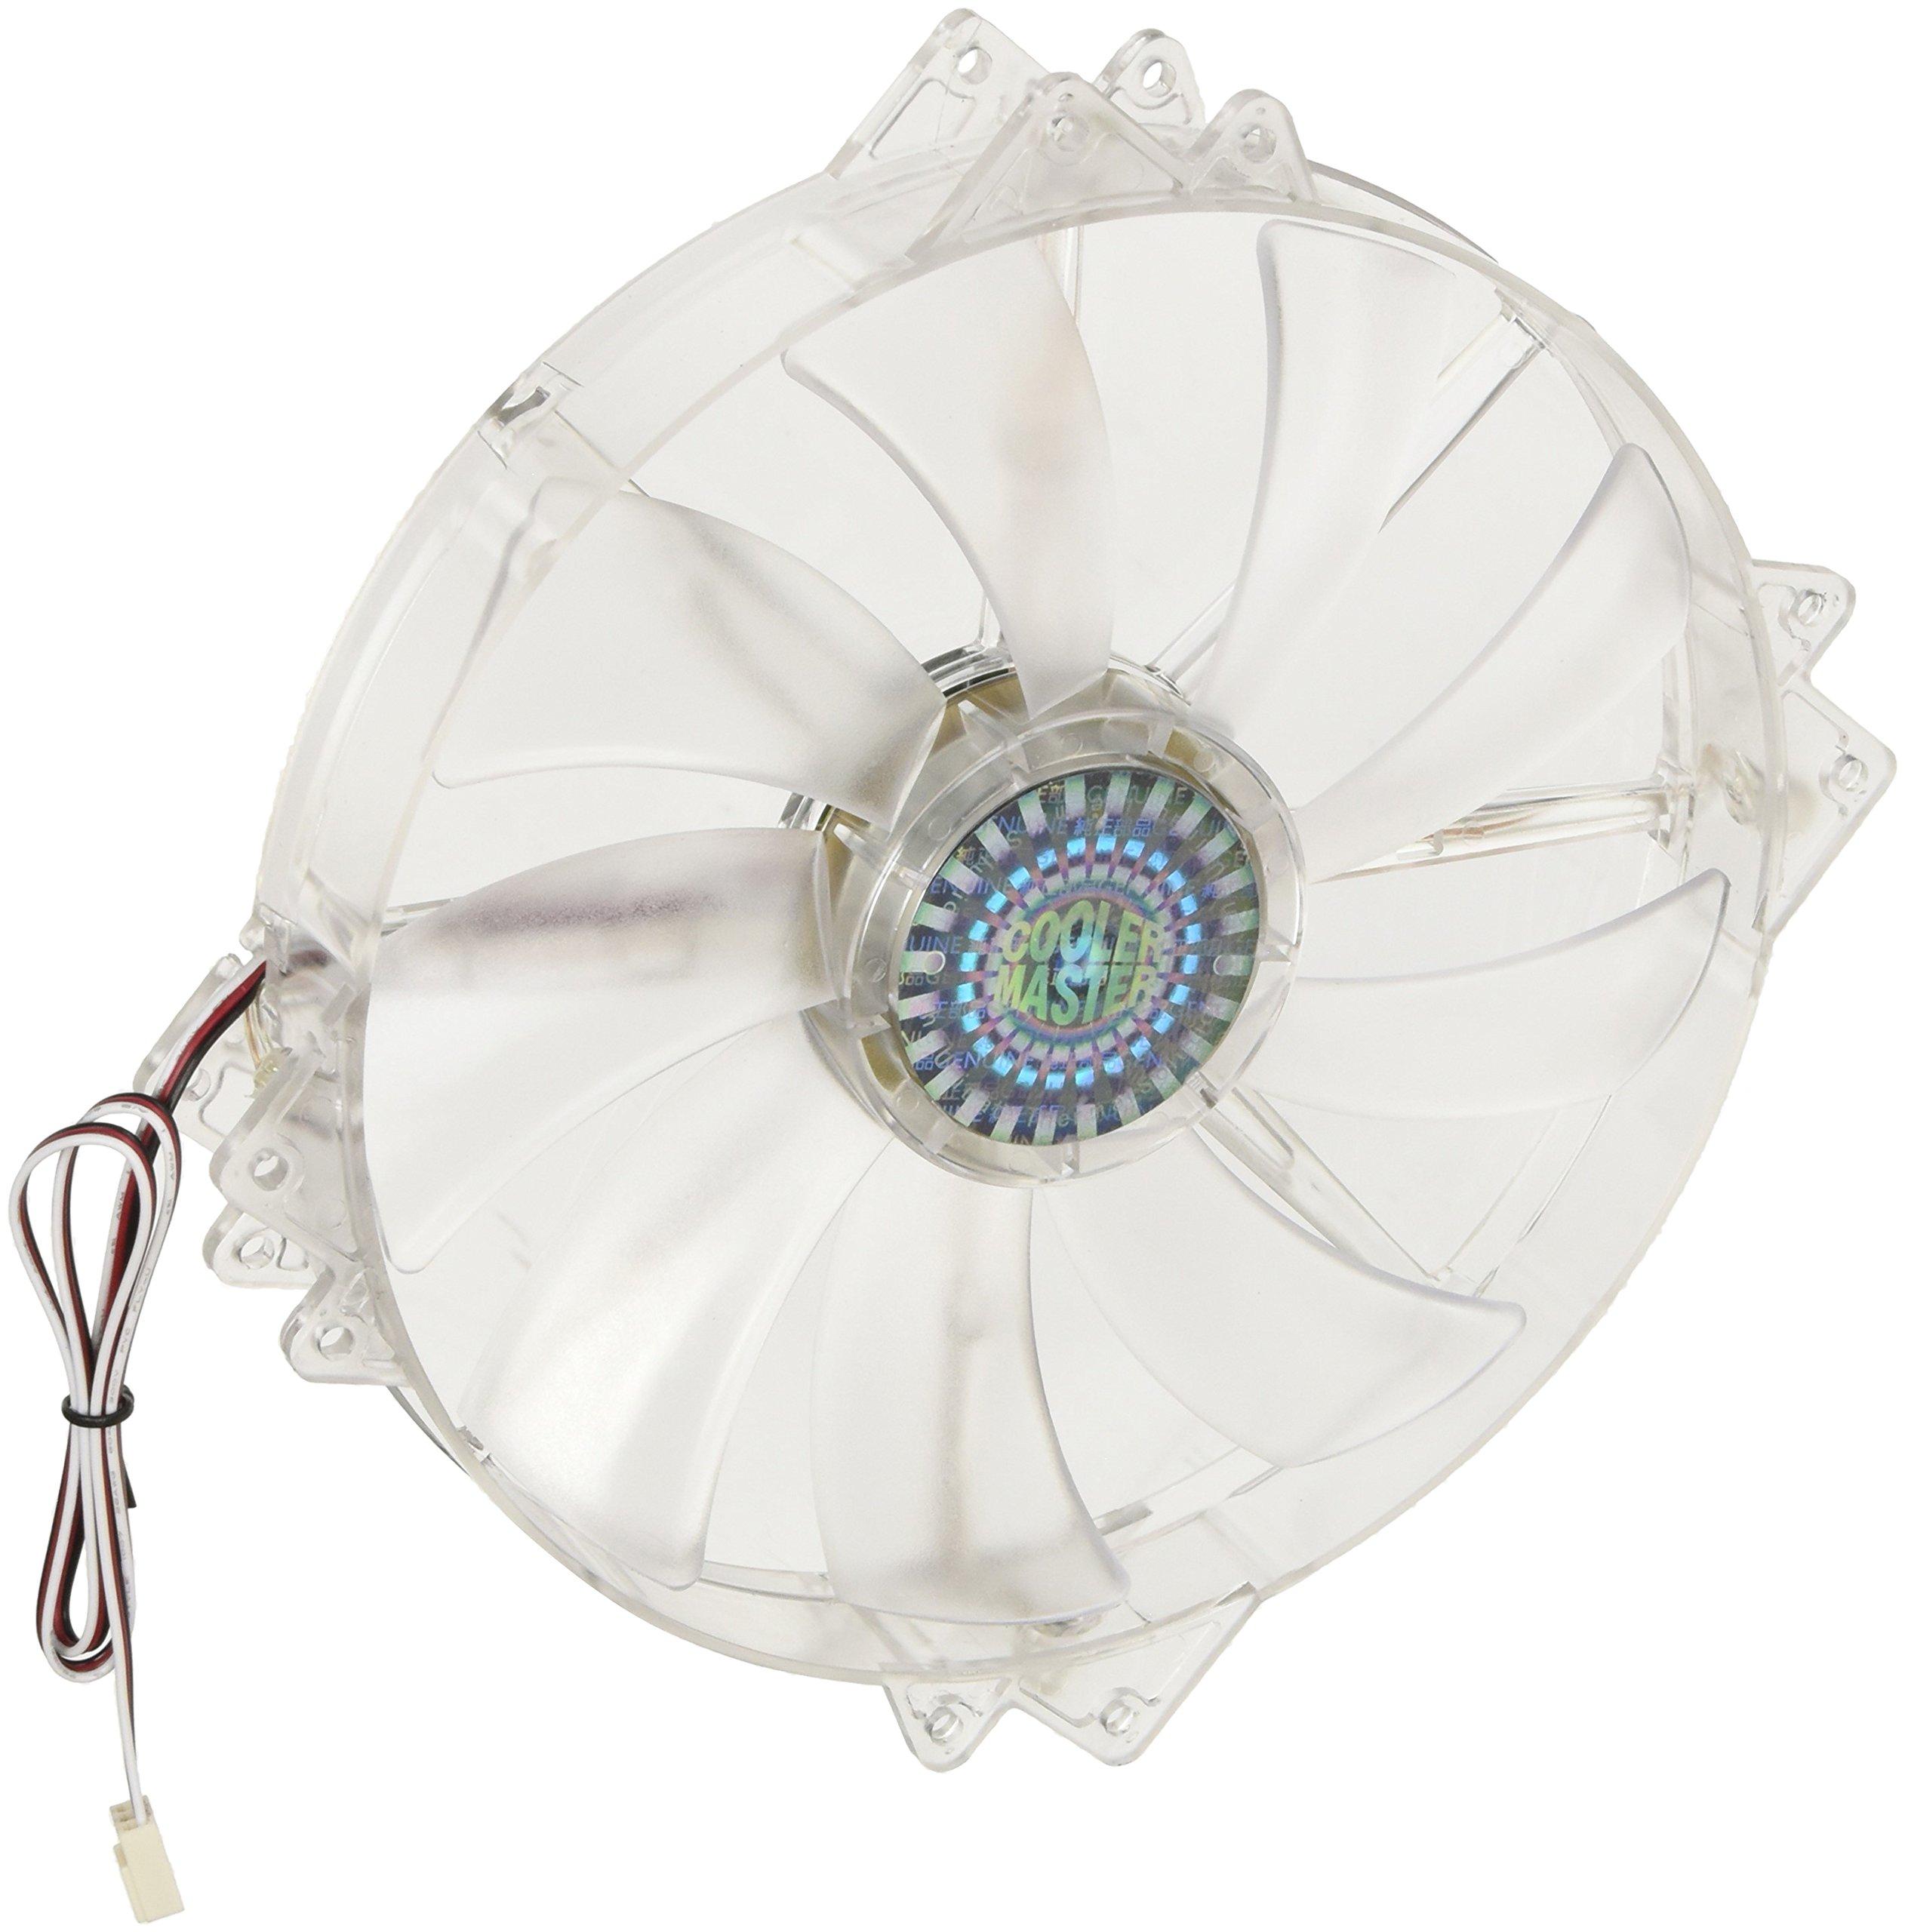 Cooler Master MegaFlow 200 - Sleeve Bearing 200mm Red LED Silent Fan for Computer Cases by Cooler Master (Image #2)